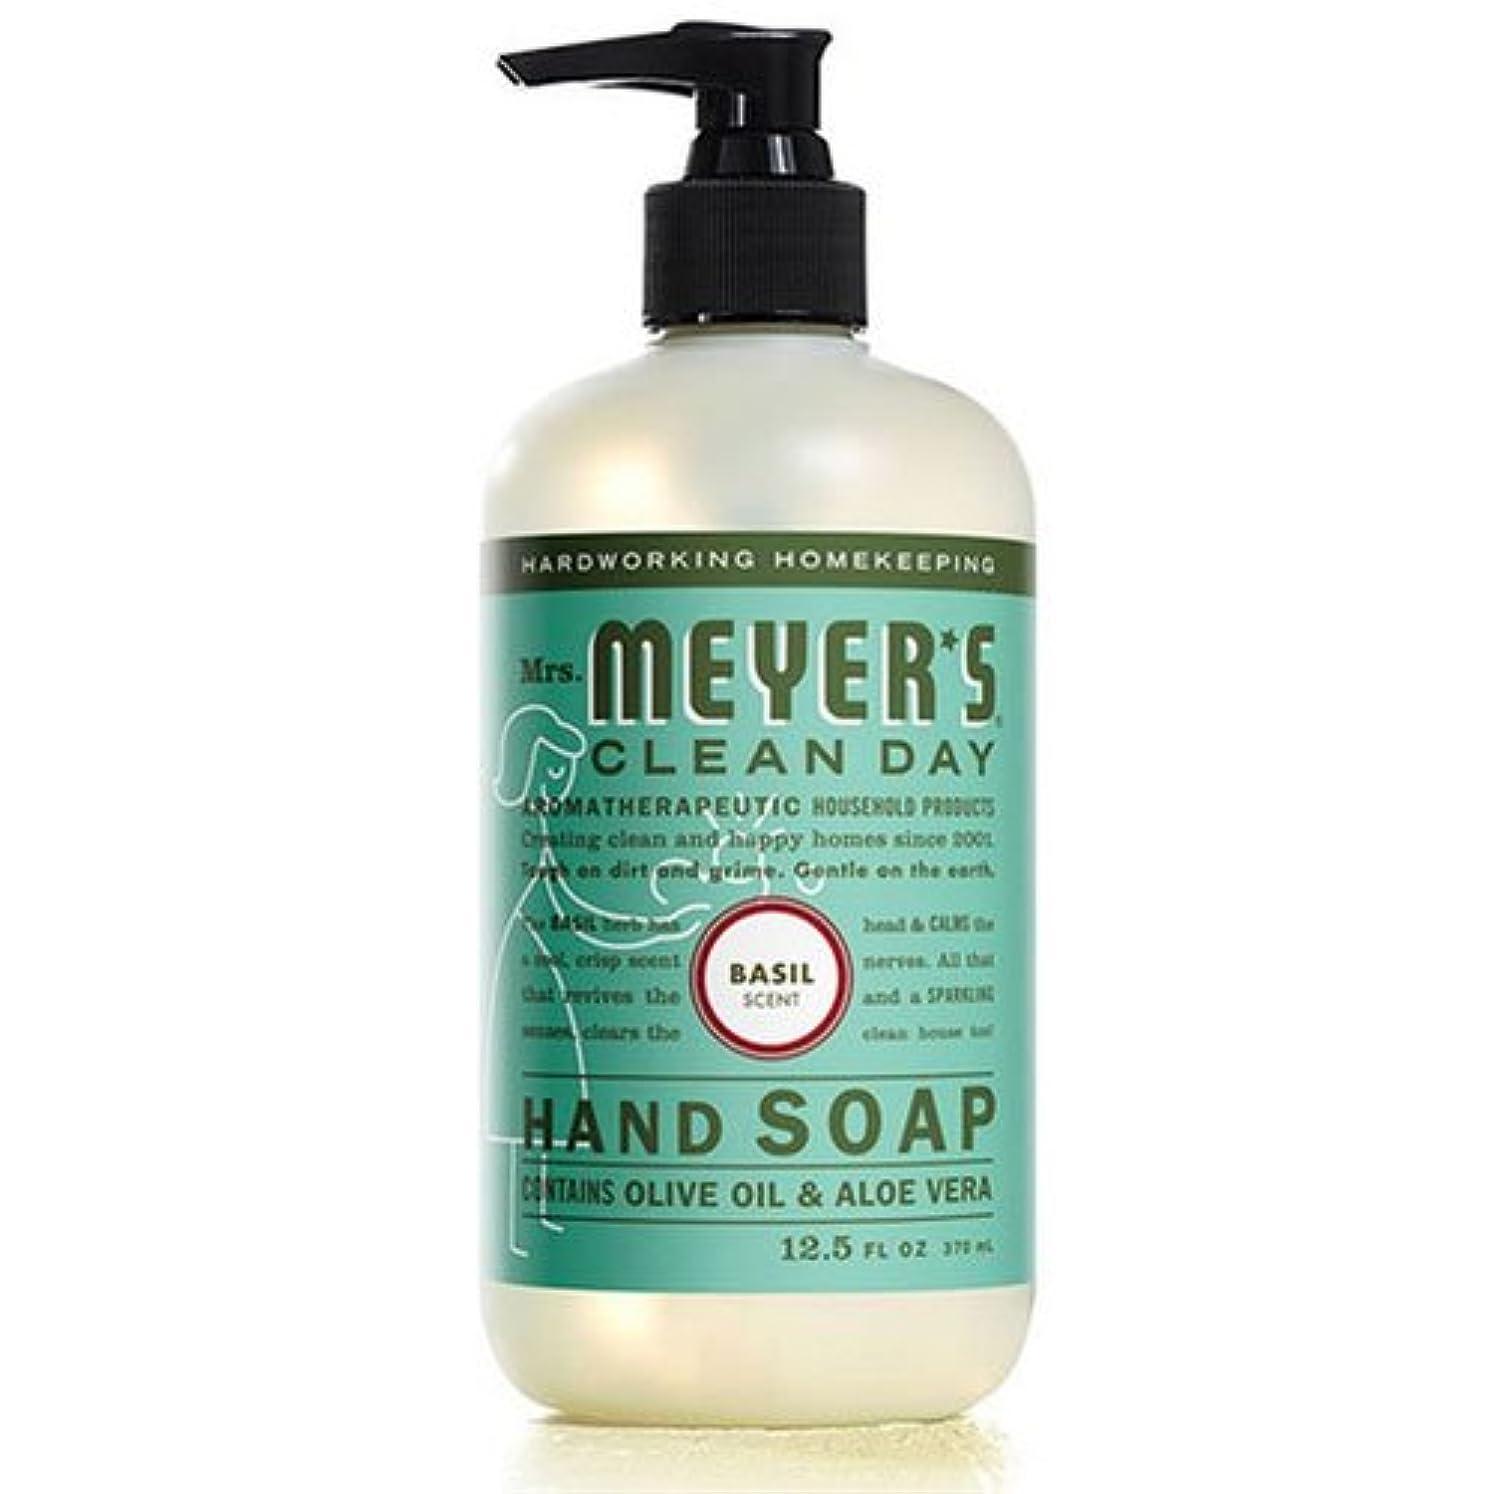 相互どれ拍車Mrs. Meyers's Hand Soap, Liq, Basil, 12.5 FZ by Mrs. Meyers